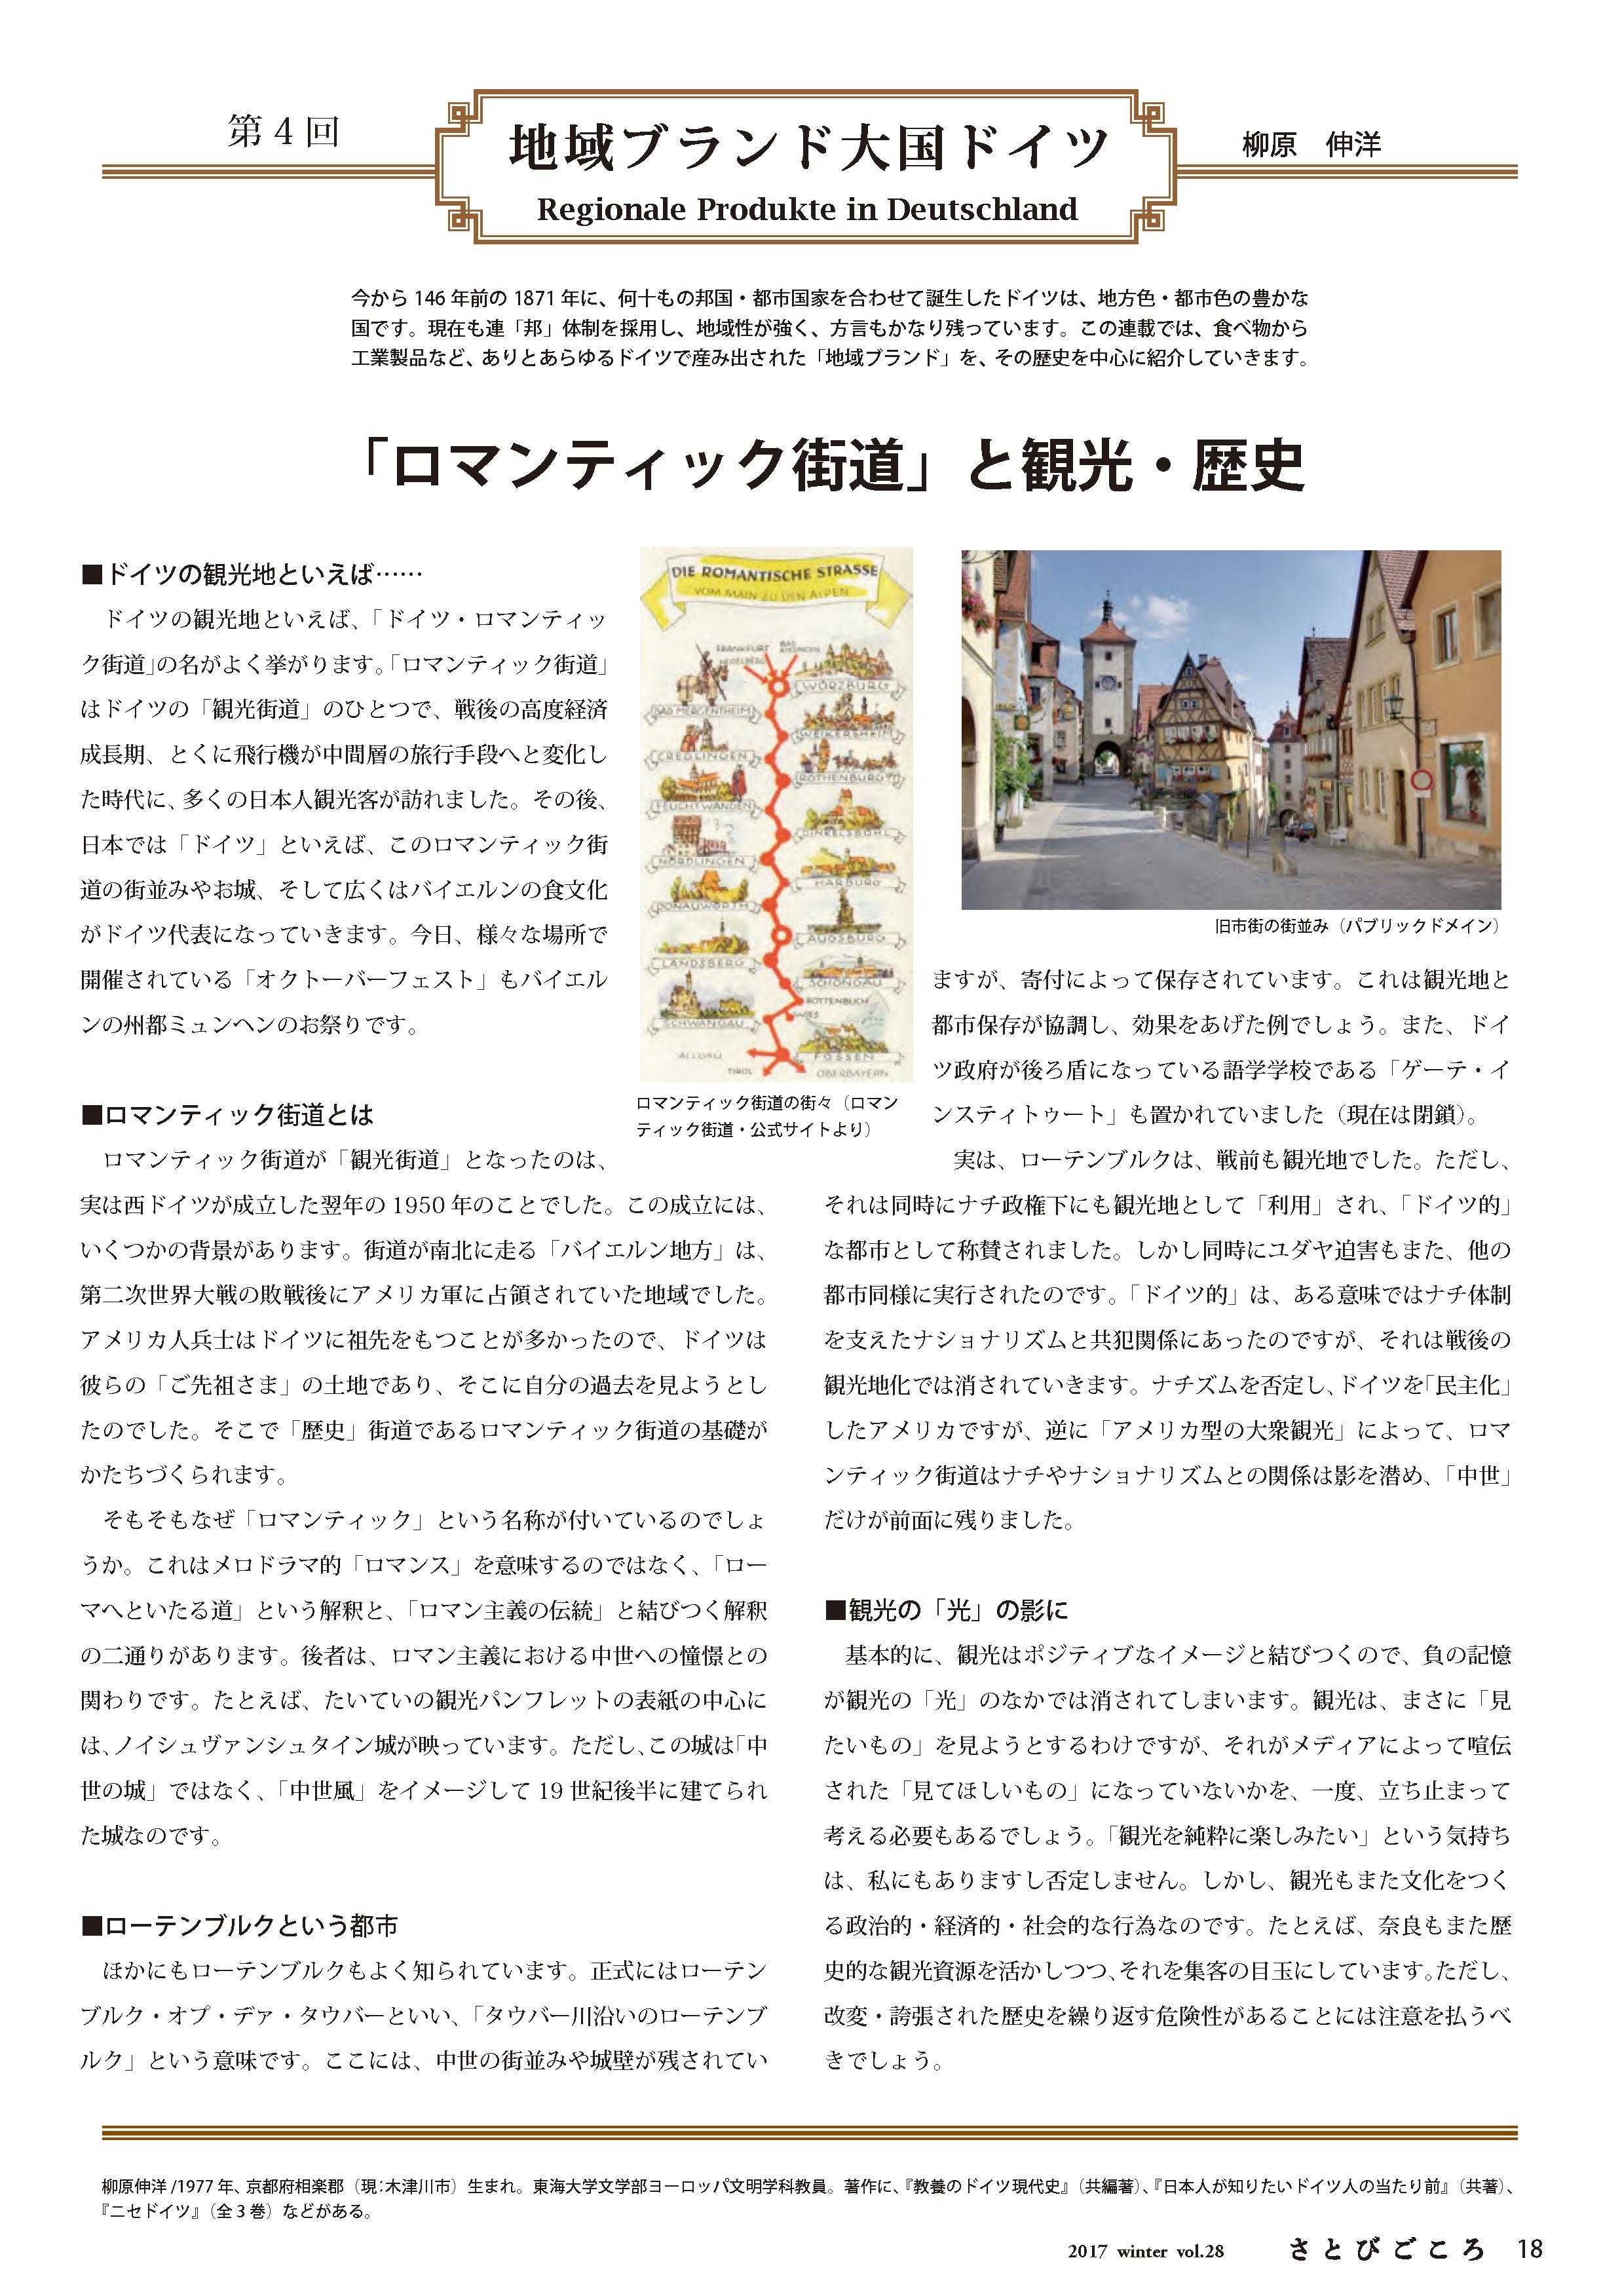 《地域ブランド大国ドイツ》さとびごころ vol.28(2018winter)第4回 ロマンティック街道と観光・歴史